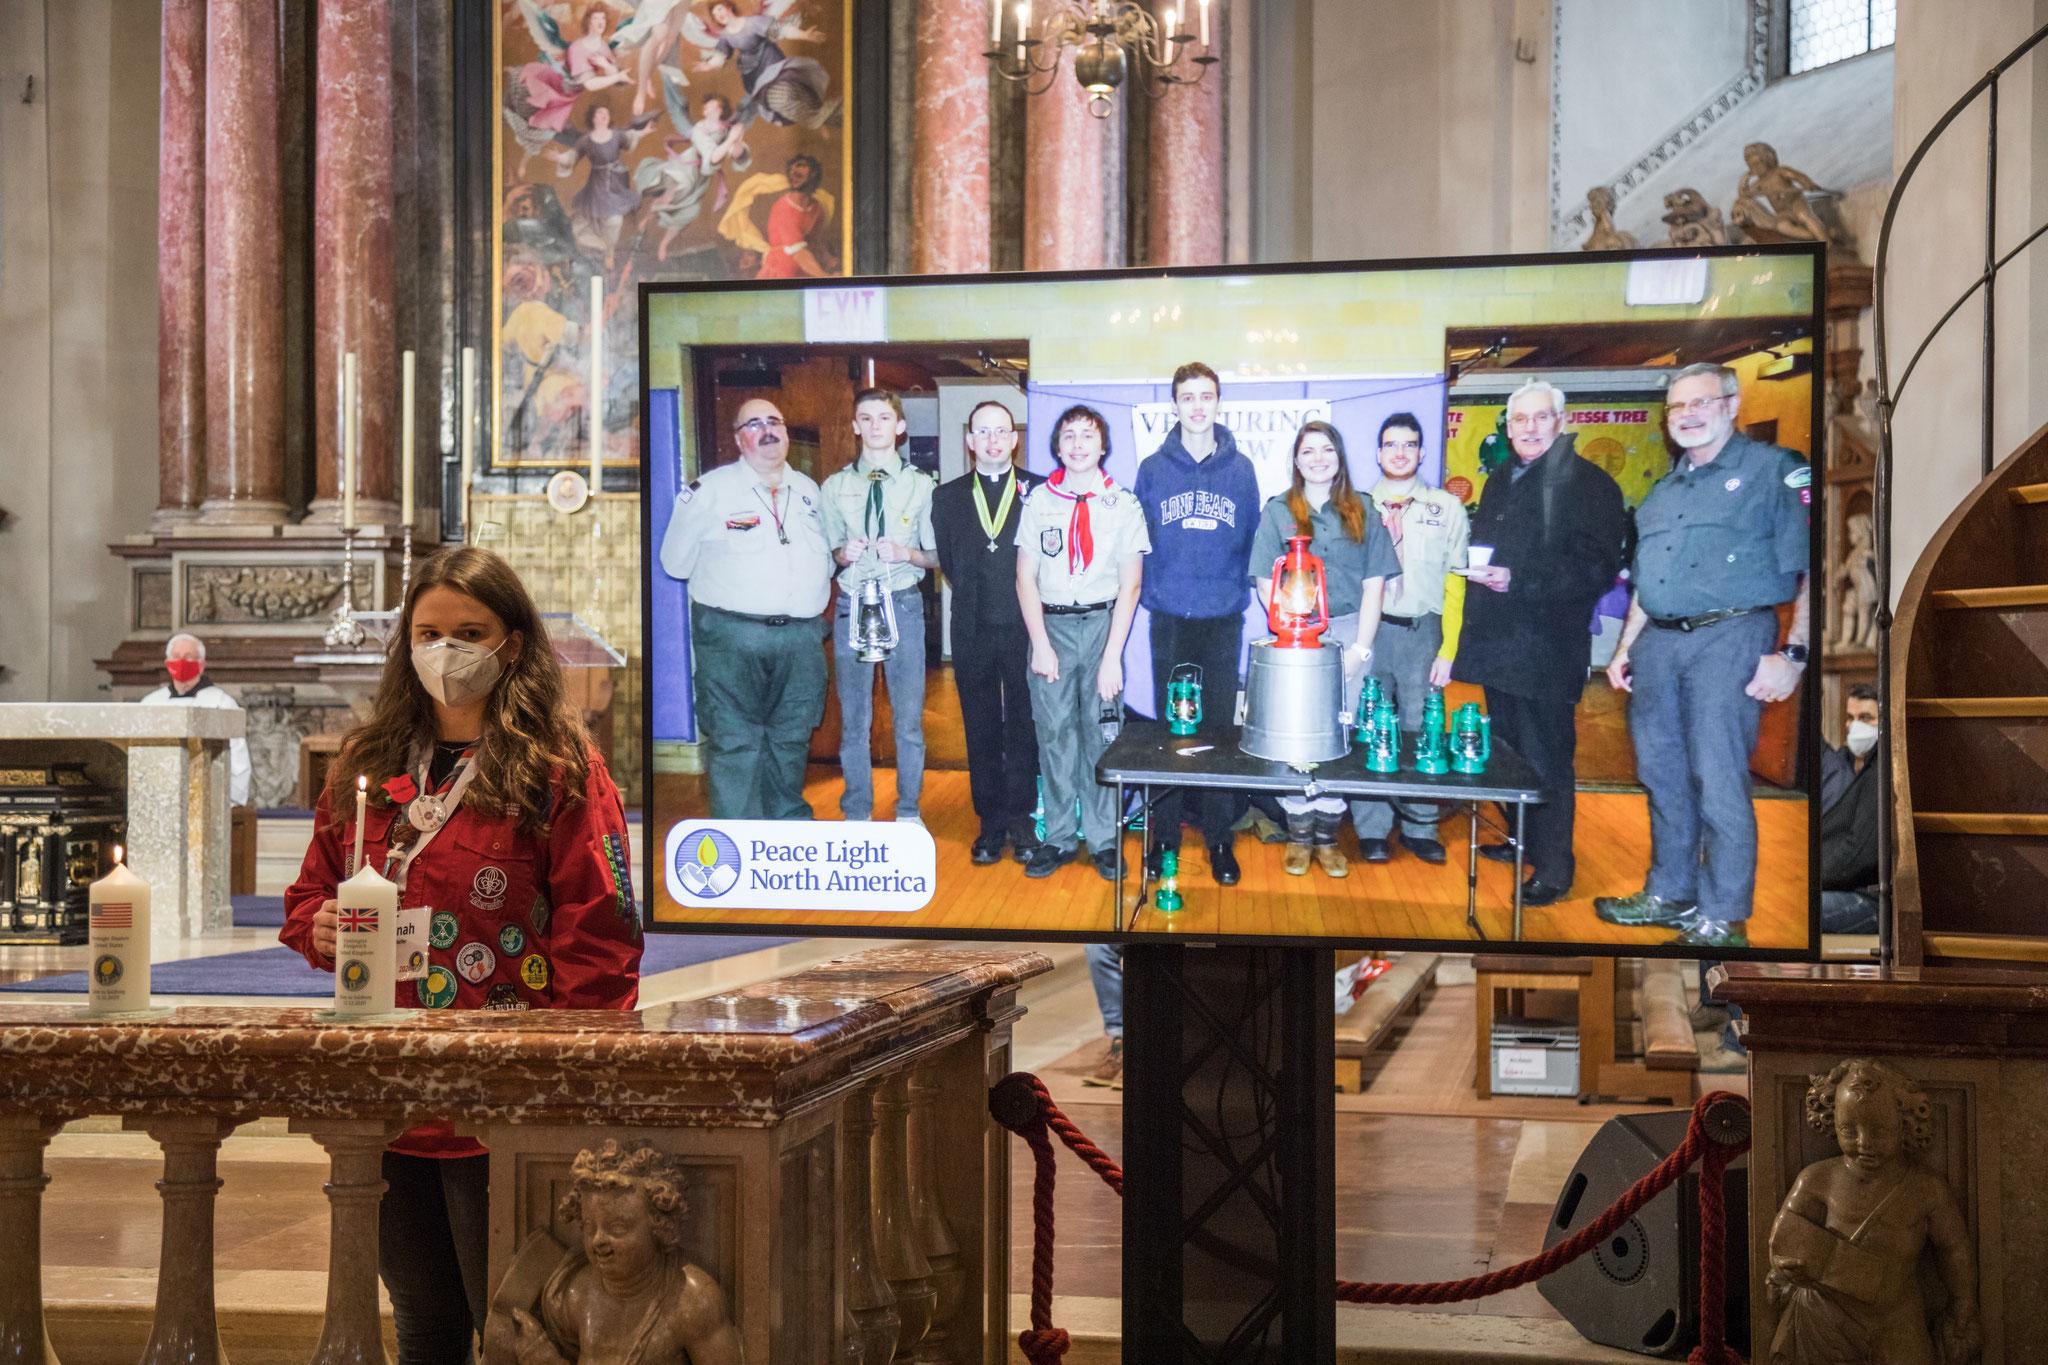 Bilder der Friedenslichtfeier in Wien vom 12.Dezember 2020 (Rudolf Klaban)